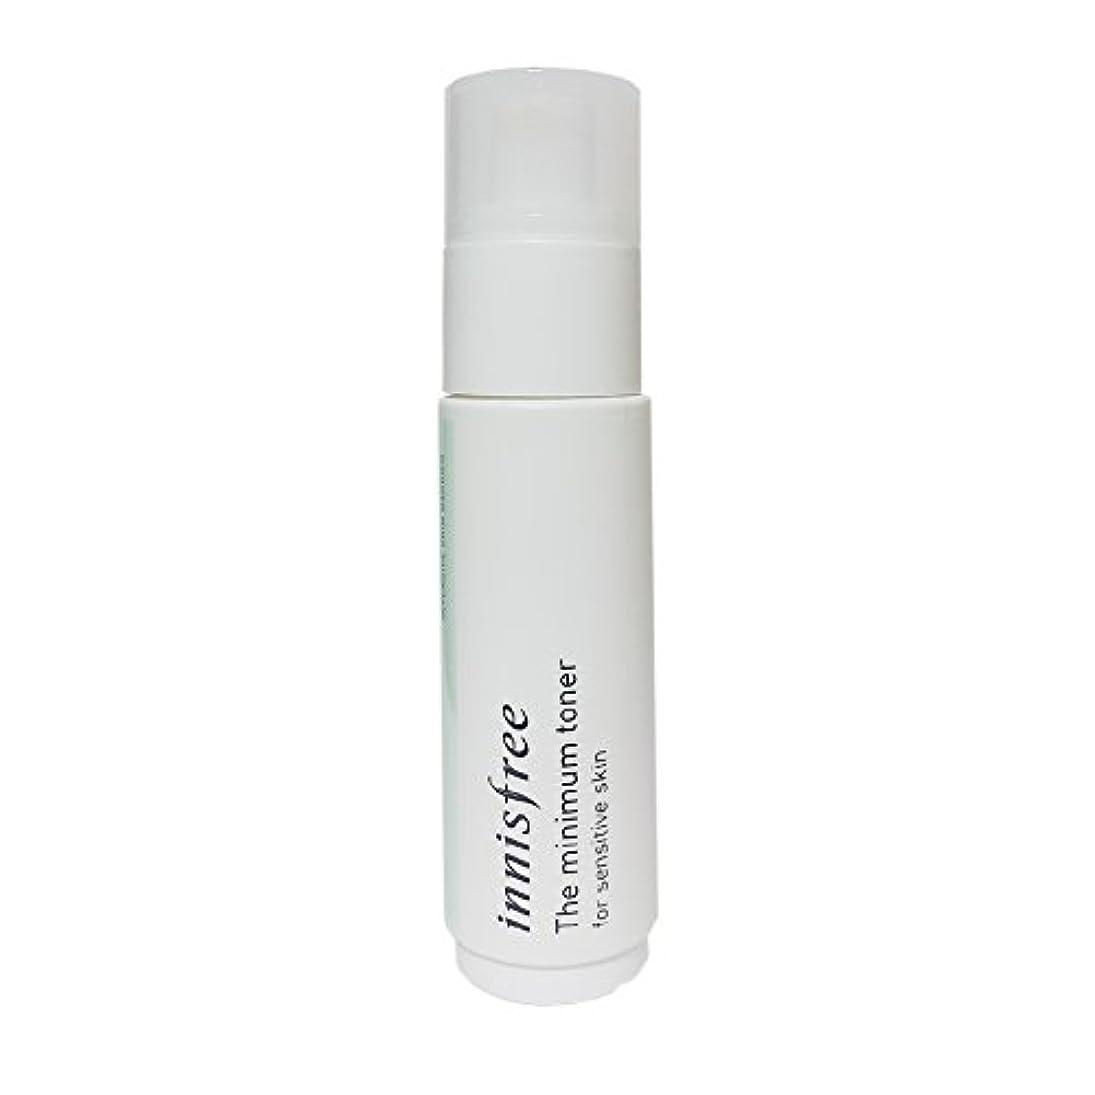 商品ナサニエル区ピアース[イニスフリー] Innisfree ザミニマム トナー敏感肌用(45ml) Innisfree The Minimum Toner For Sensitive Skin(45ml)  [海外直送品]